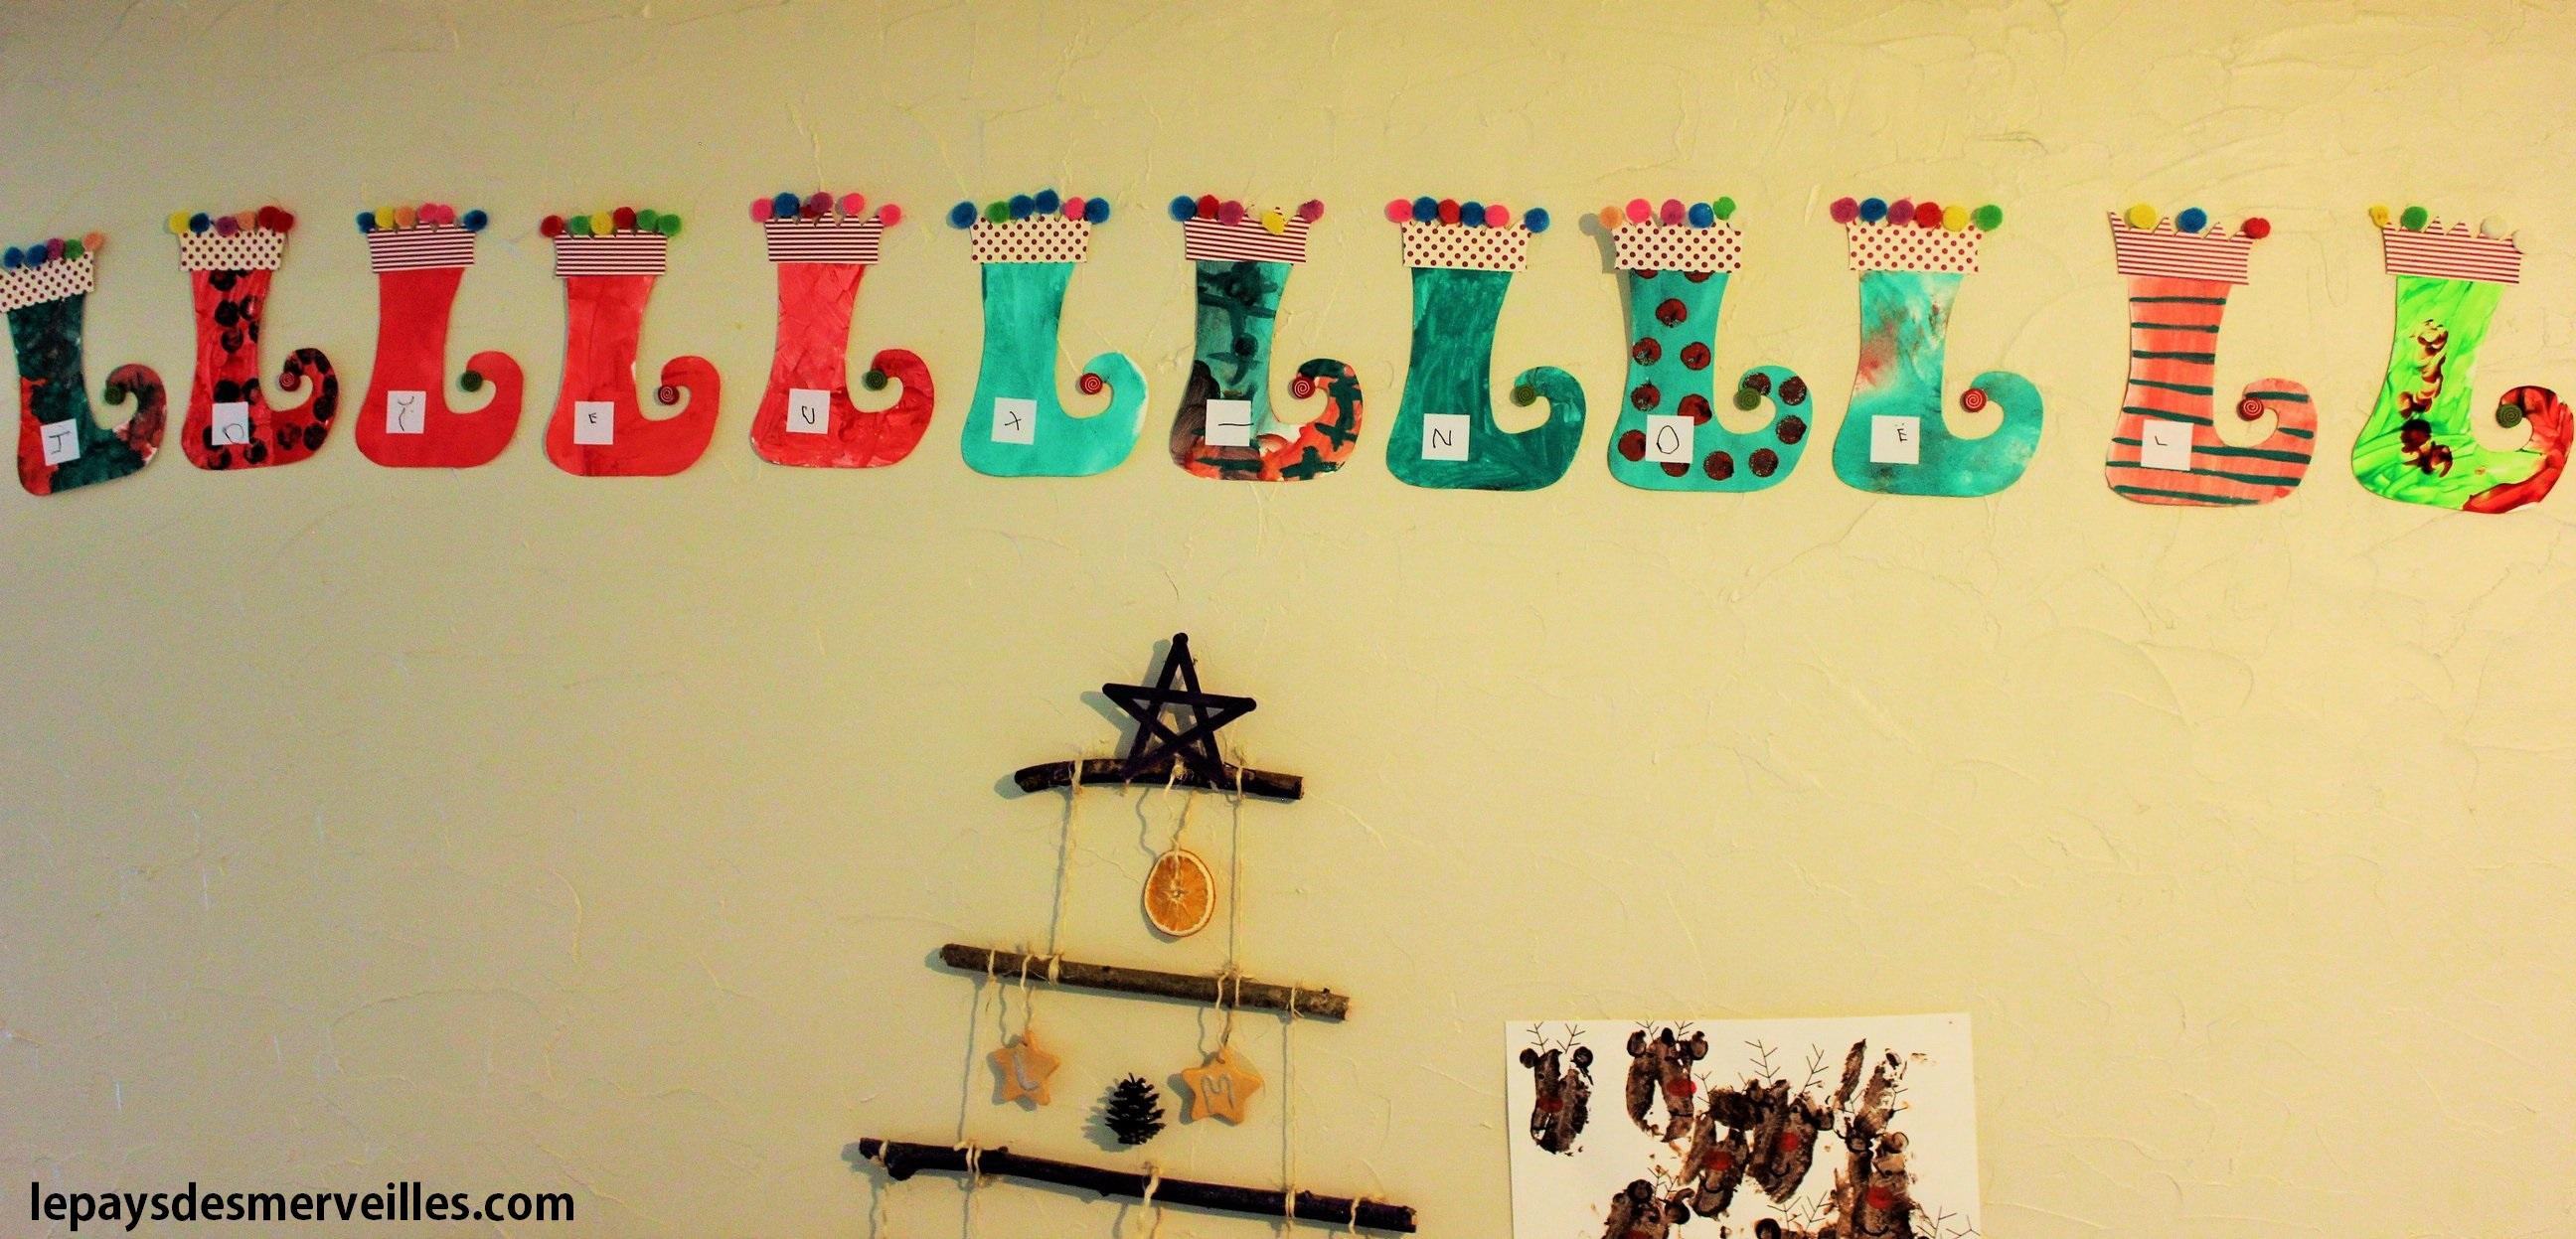 Chaussettes de lutins l art est un jeu d enfant 2 le pays des merveilles - Bricolage chaussette de noel ...